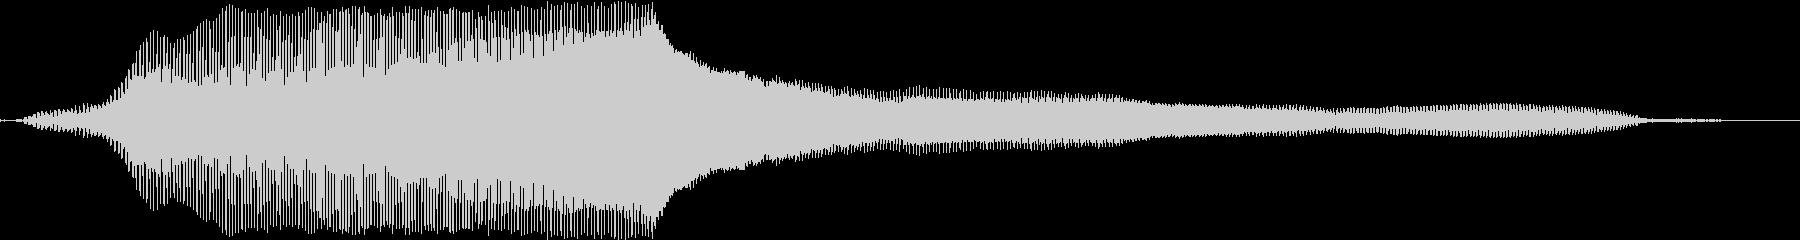 猫の鳴き声(癖のない声)の未再生の波形